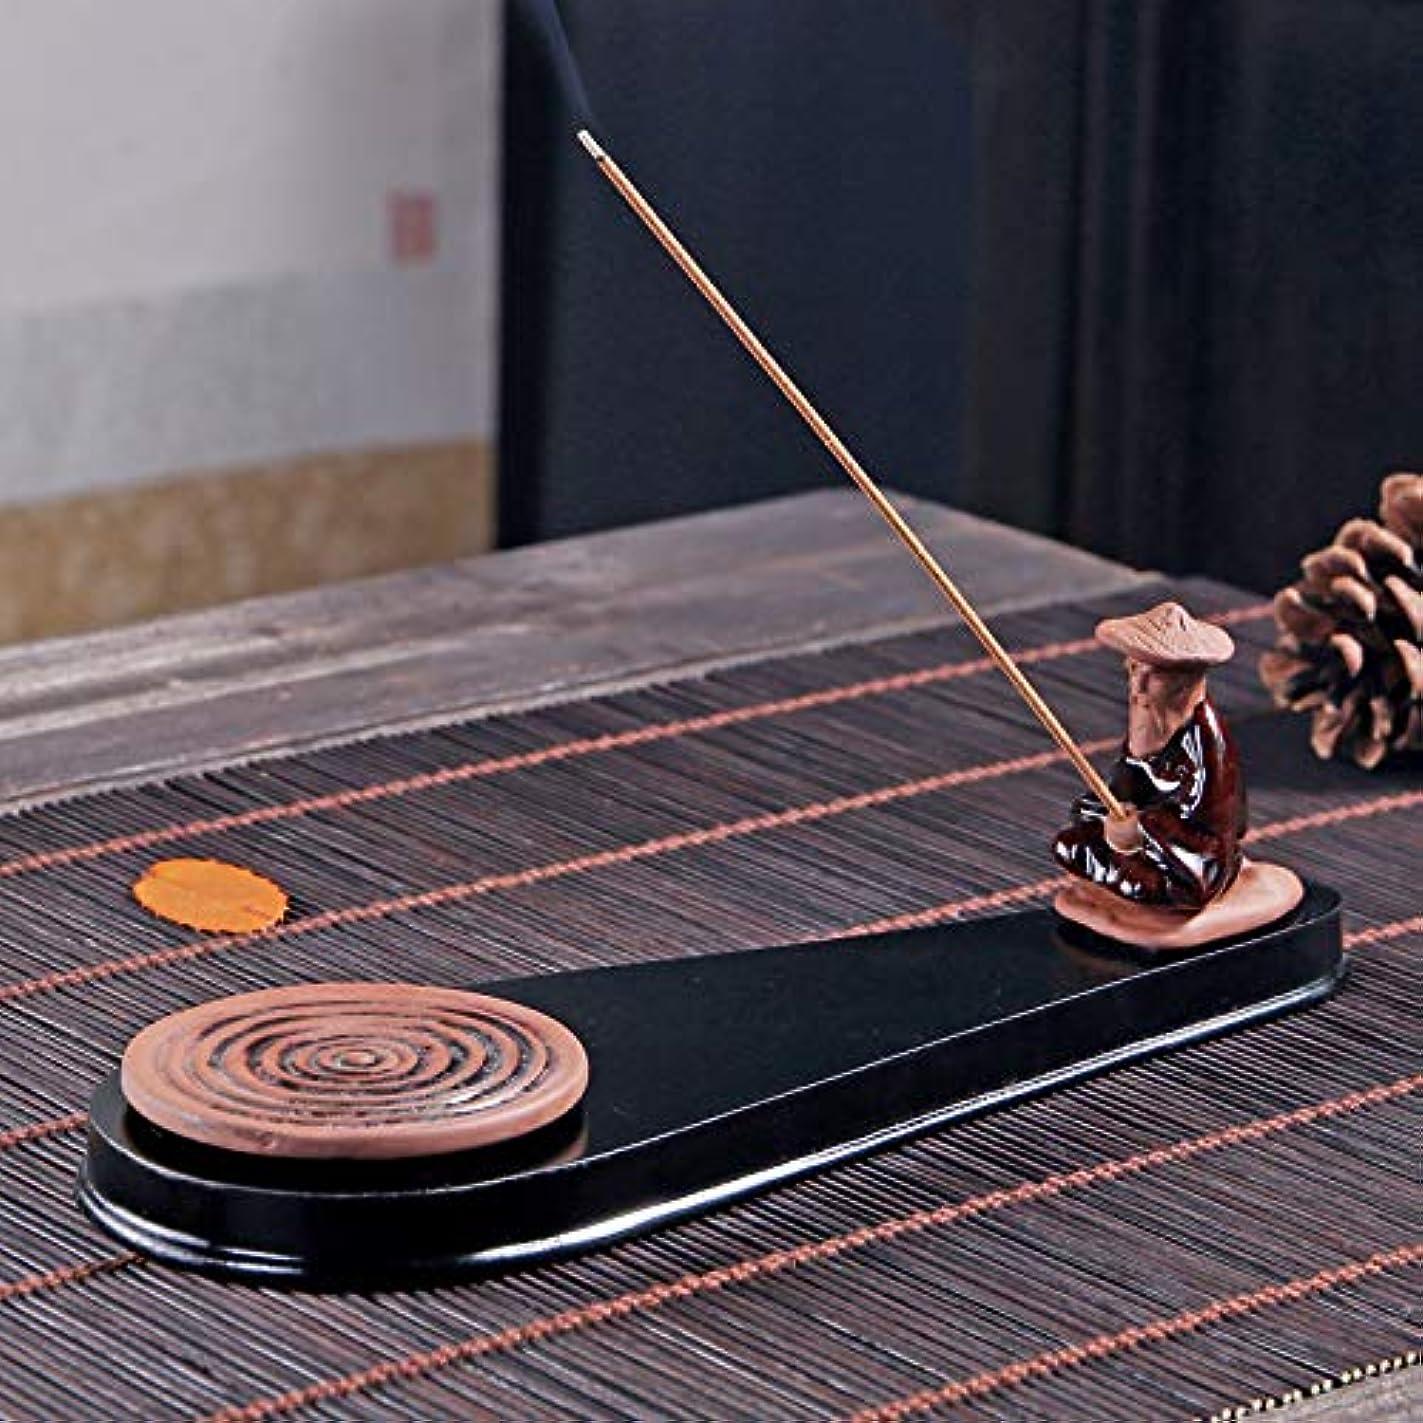 ツール意味のある住むPHILOGOD 陶器香炉 手作り老人釣り 香置物 モデリング 線香立て 香皿